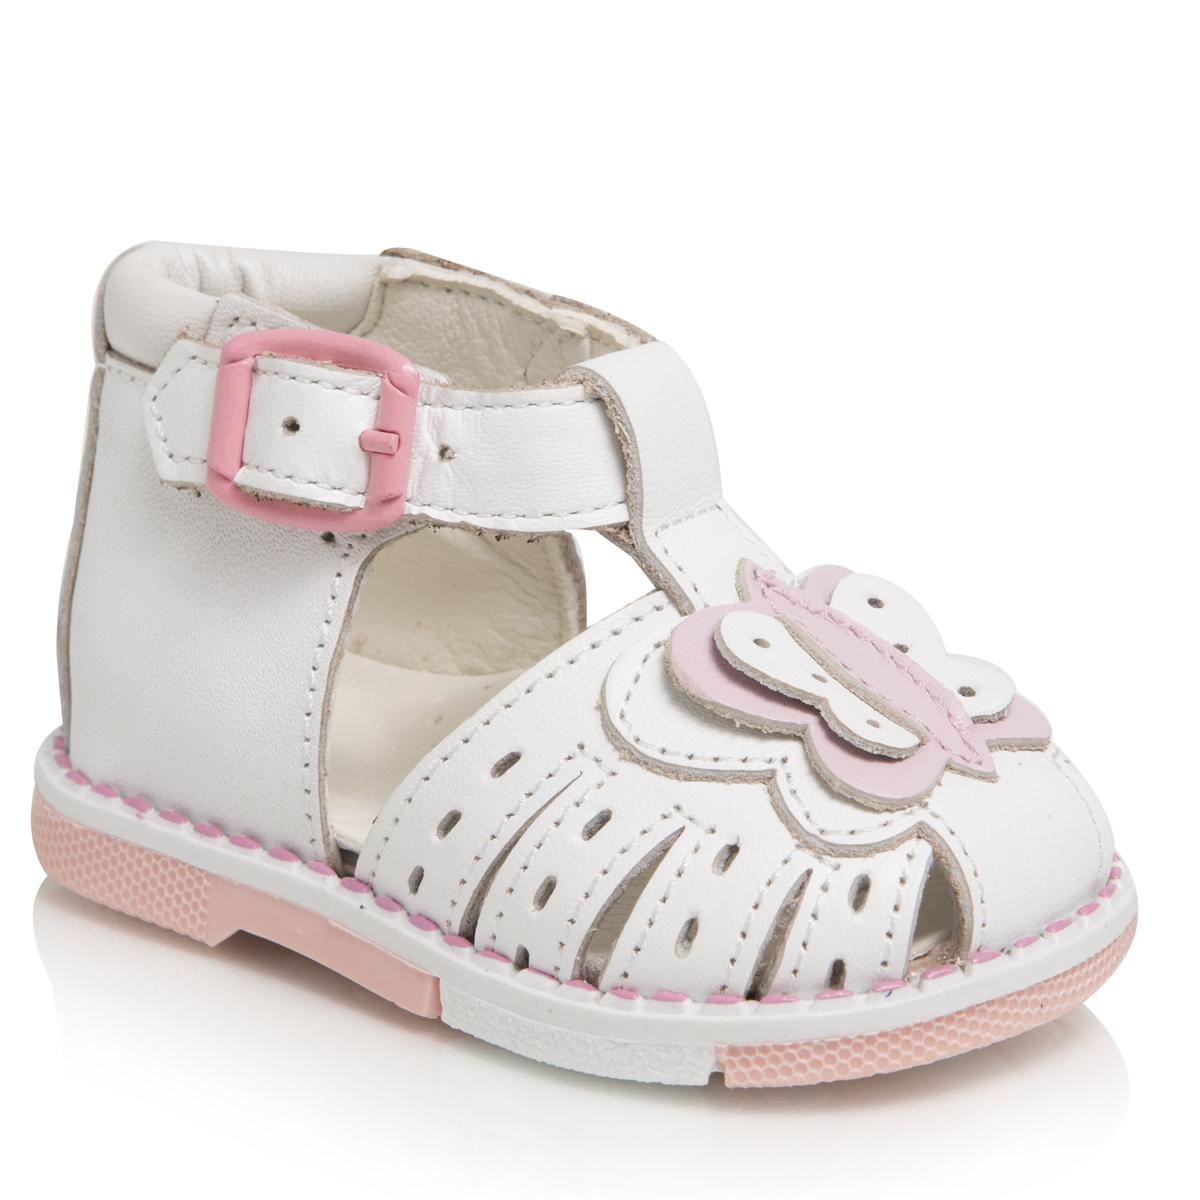 Сандалии для девочек. 106-005106-005ТАШИ ОРТО - детская профилактическая ортопедическая обувь массового производства. Ее можно носить не только детям с признаками плоскостопия и косолапия , но и для профилактики подобных отклонений. А многим детям ортопедическая обувь НЕОБХОДИМА для коррекции стопы, исправления походки и осанки.